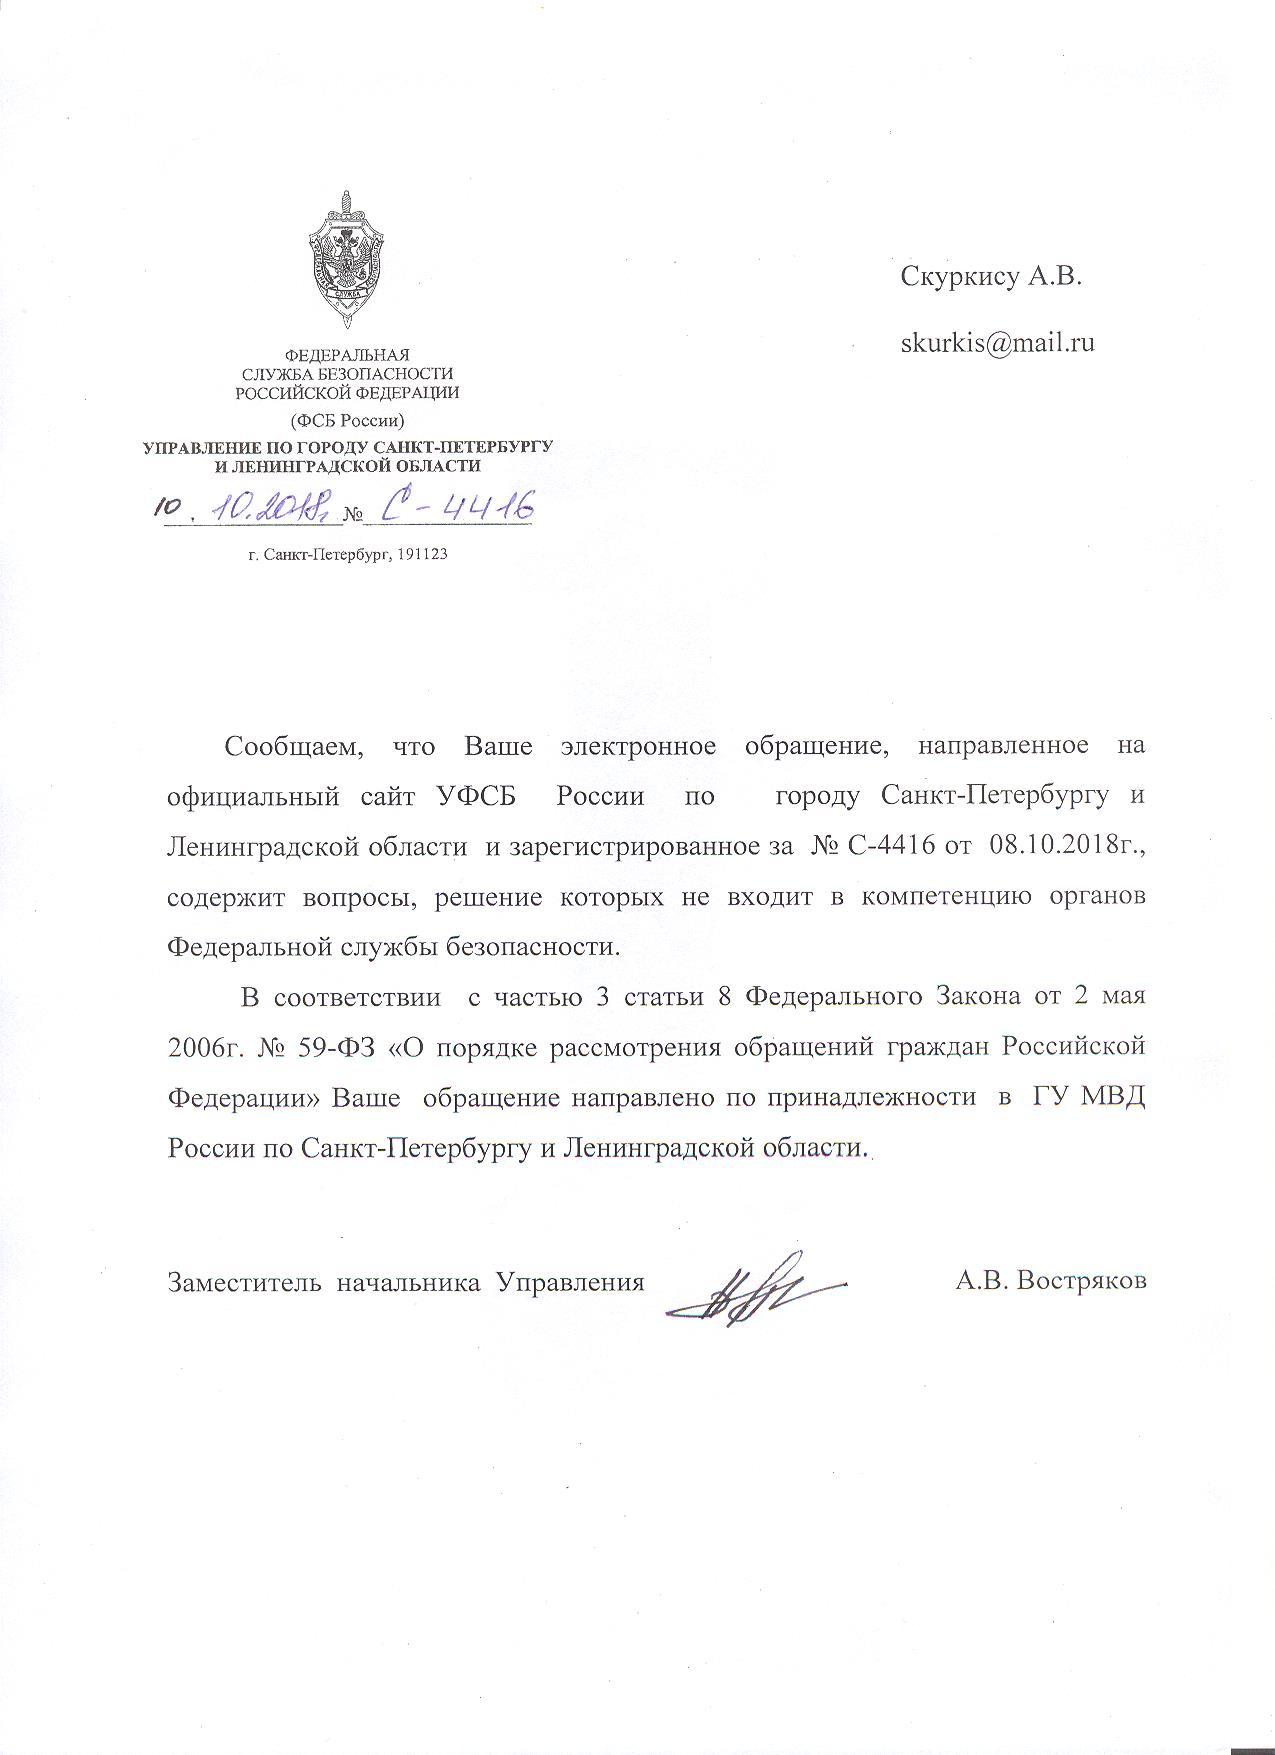 Умнов и Востряков.jpg